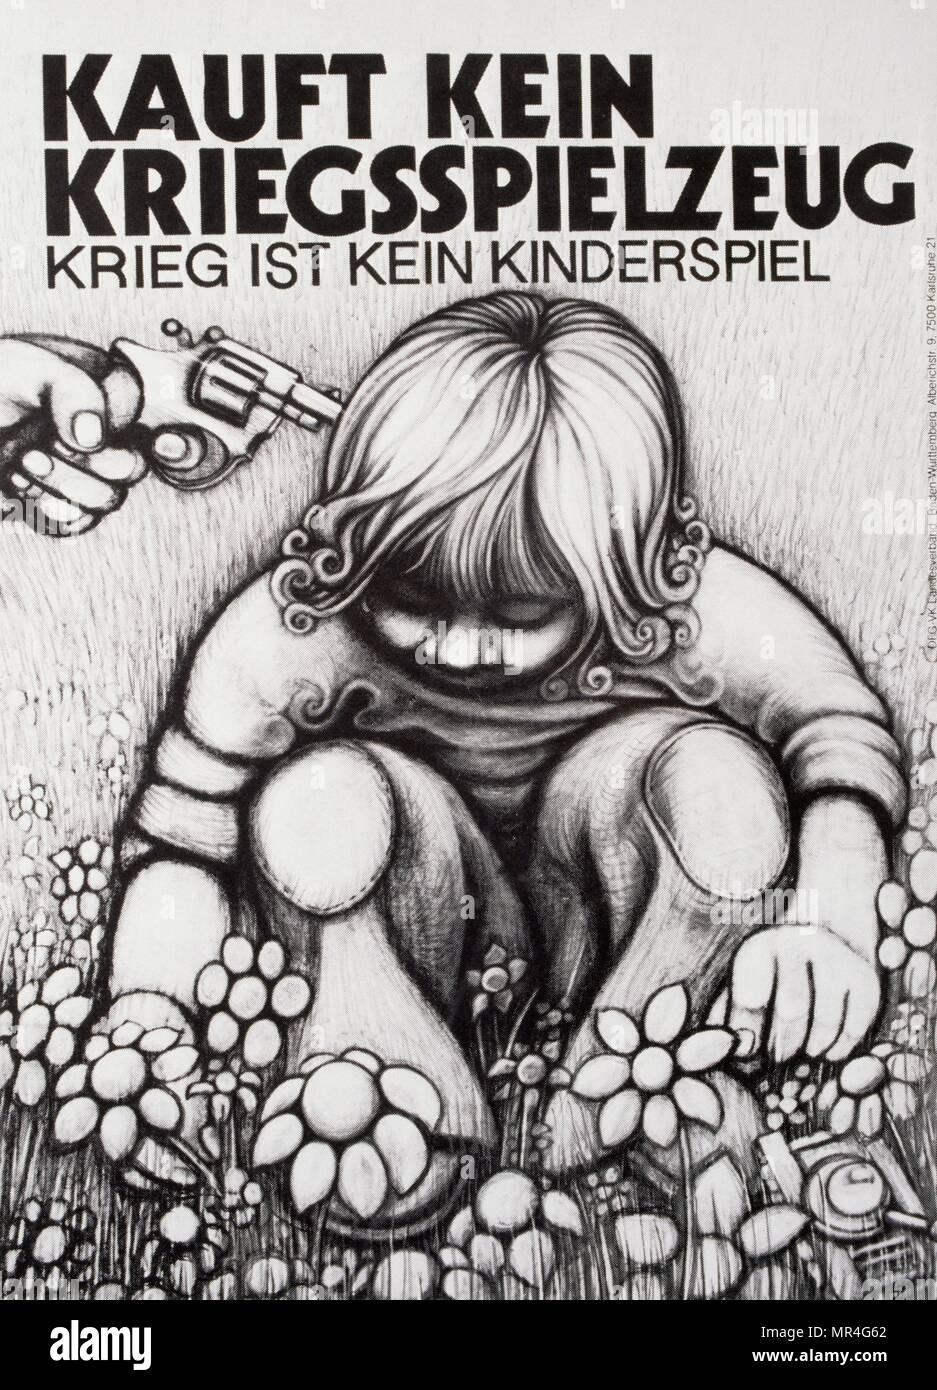 Deutsche anti-Krieg und Frieden Plakat während des Kalten Krieges 1985 Stockbild